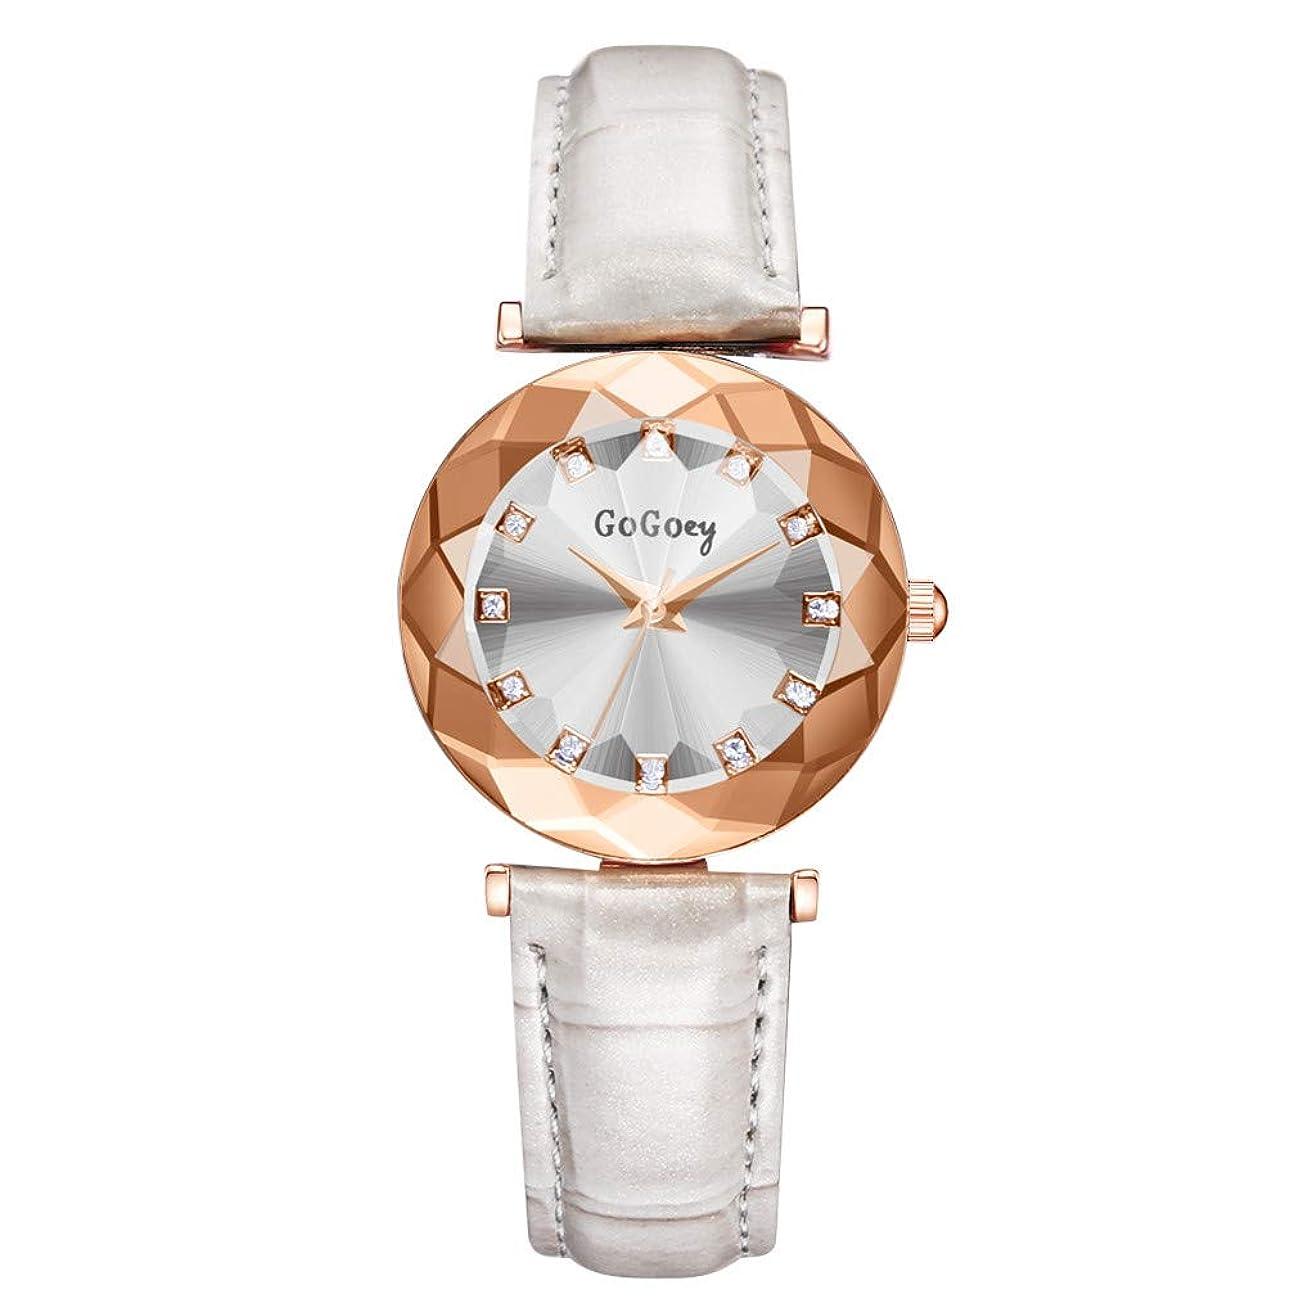 怒っているファン接続Waminger[ワミナー] 腕時計 人気 ガールズ レディース 軽量 おしゃれ 魅力的 キラキラ 誕生日高級 菱形凸ガラス ファッション ダイヤモンド レザーストラップ安い 高級感 さわやか ウオッチ(ホワイト)